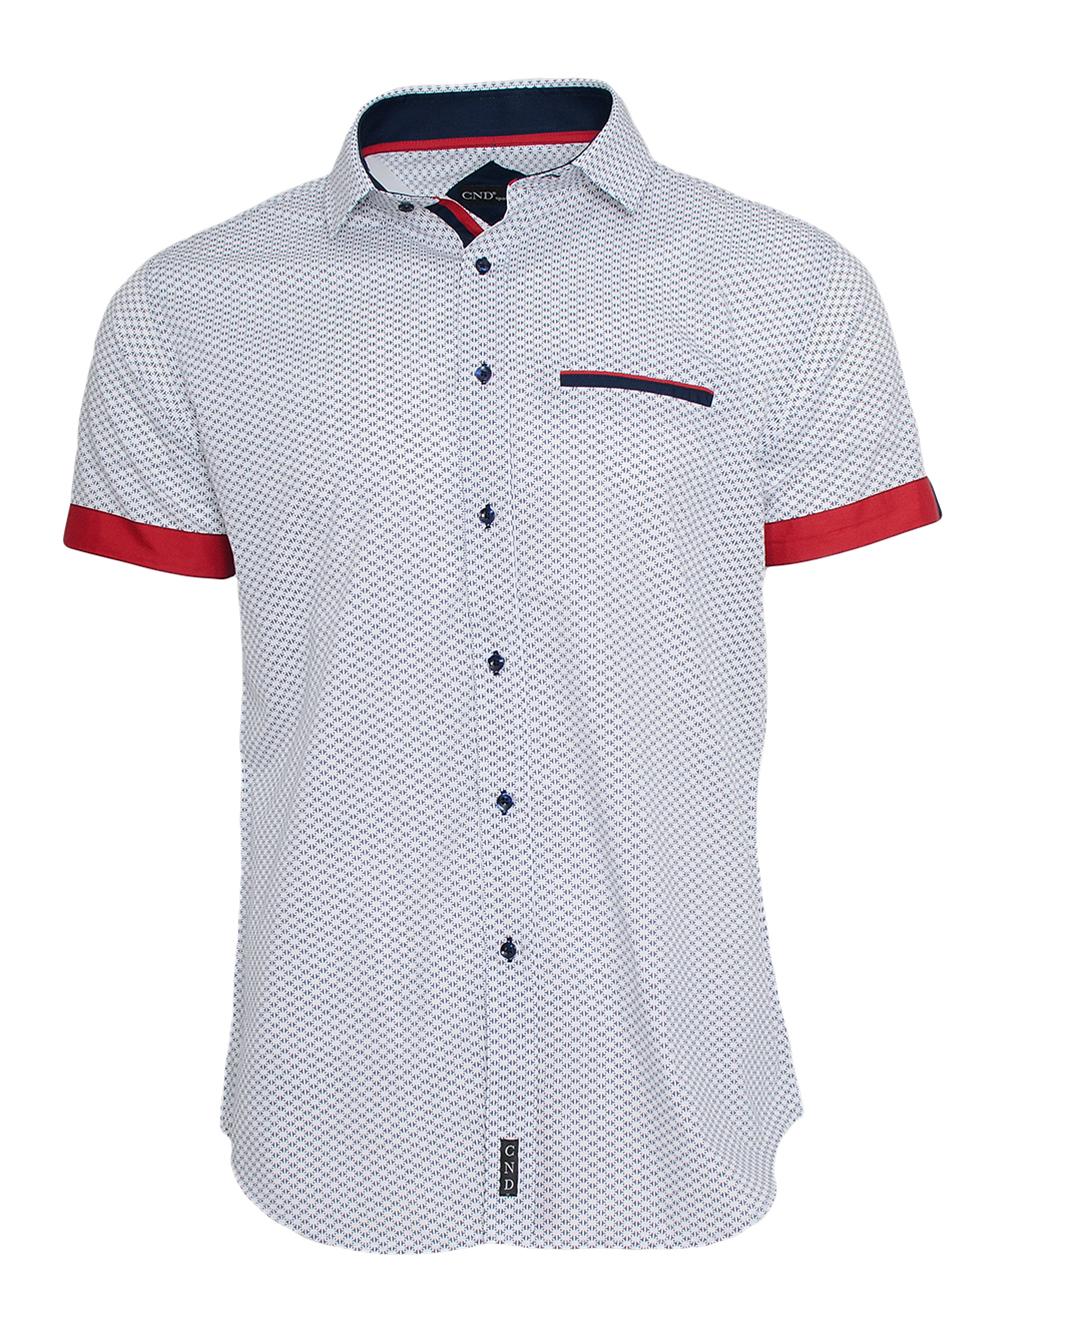 Κοντομάνικο Πουκάμισο CND Red Blue-Άσπρο αρχική ανδρικά ρούχα πουκάμισα